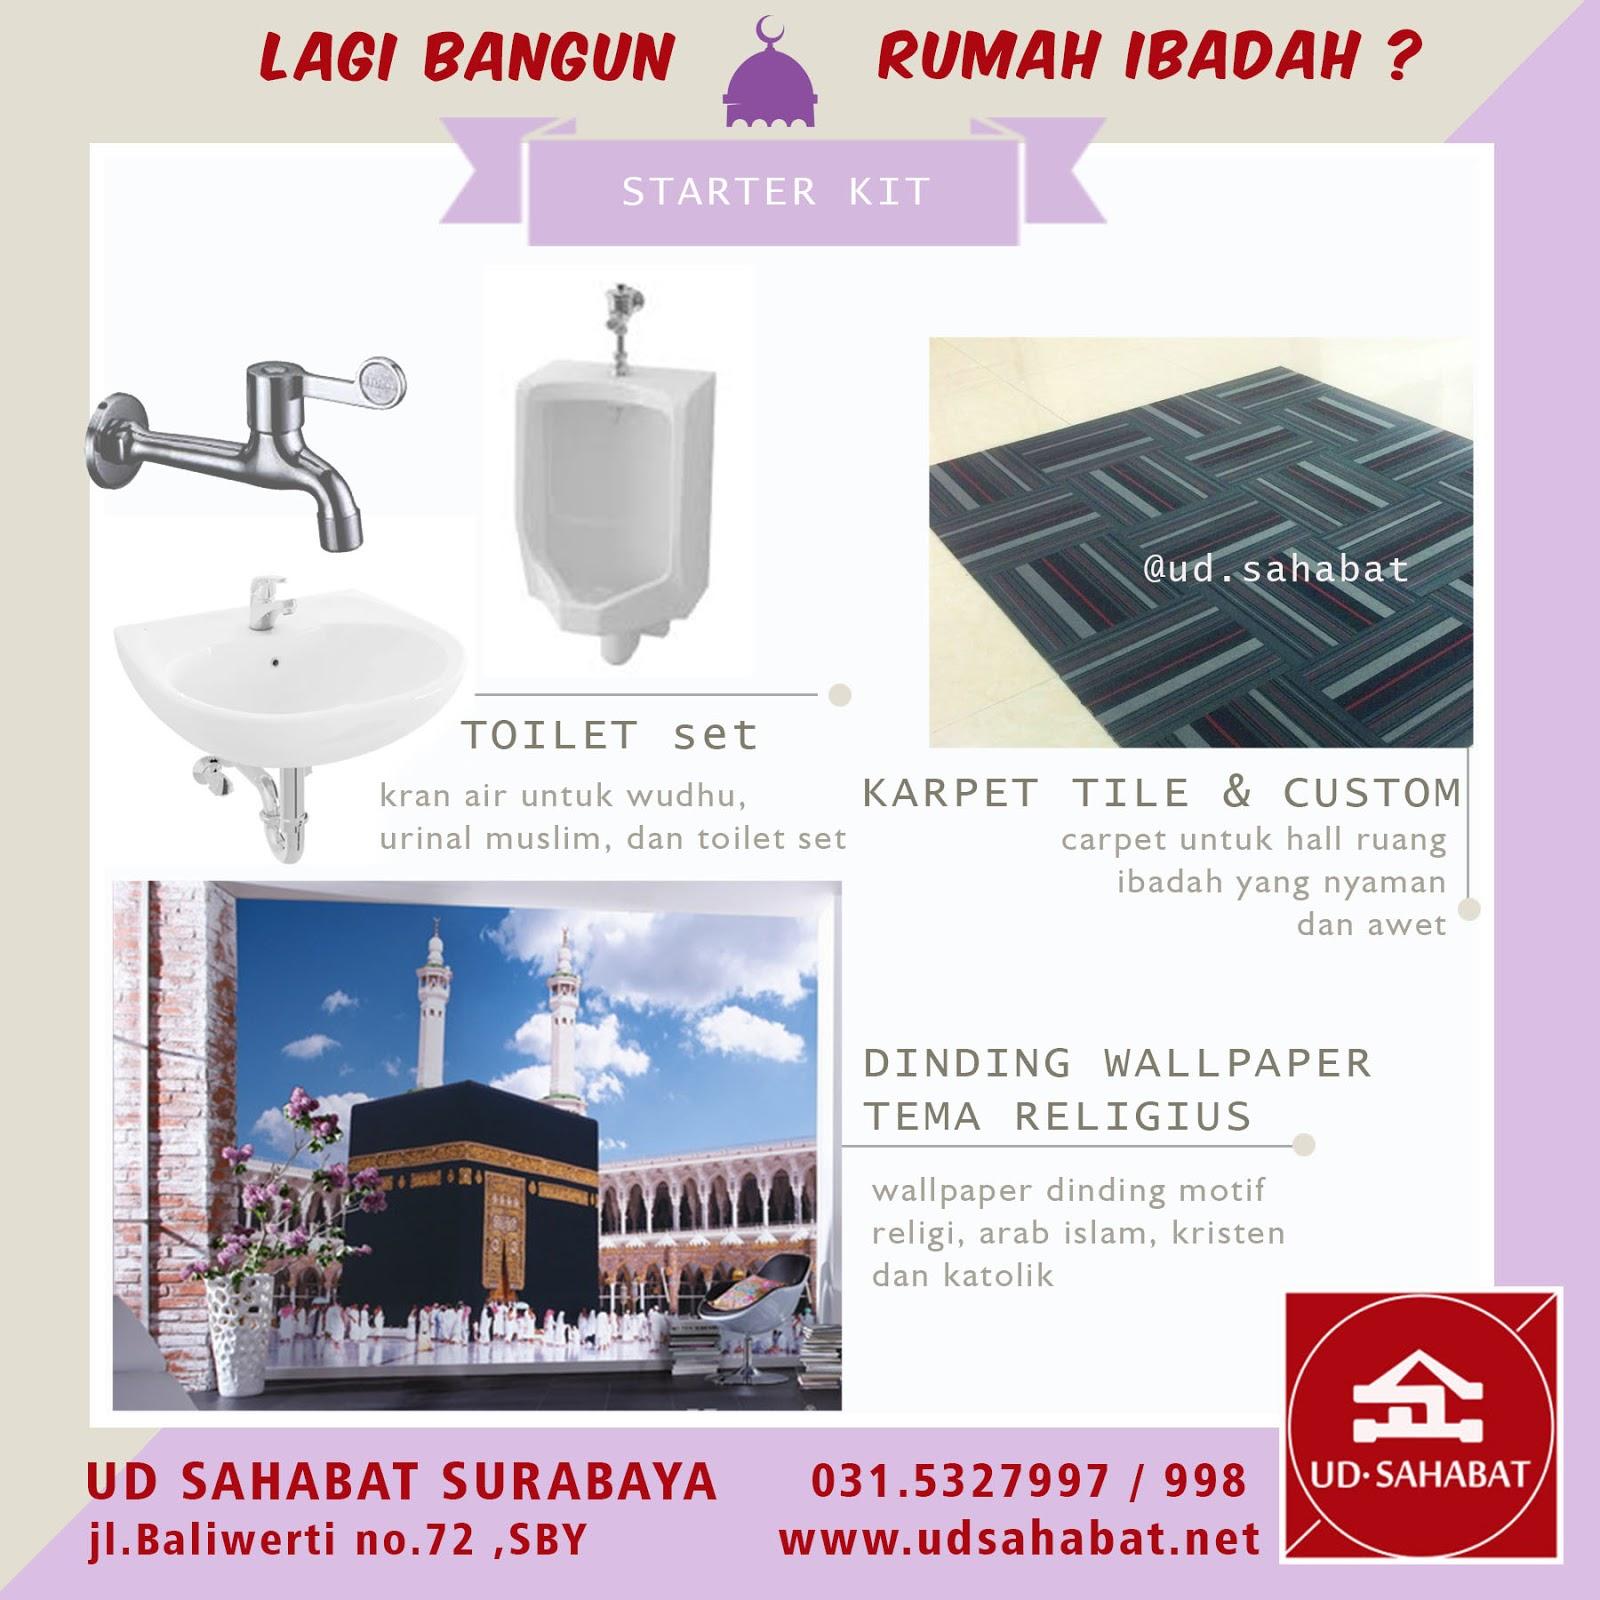 kontrakto jual bahan interior material bangunan masjid rumah ibadah surabaya